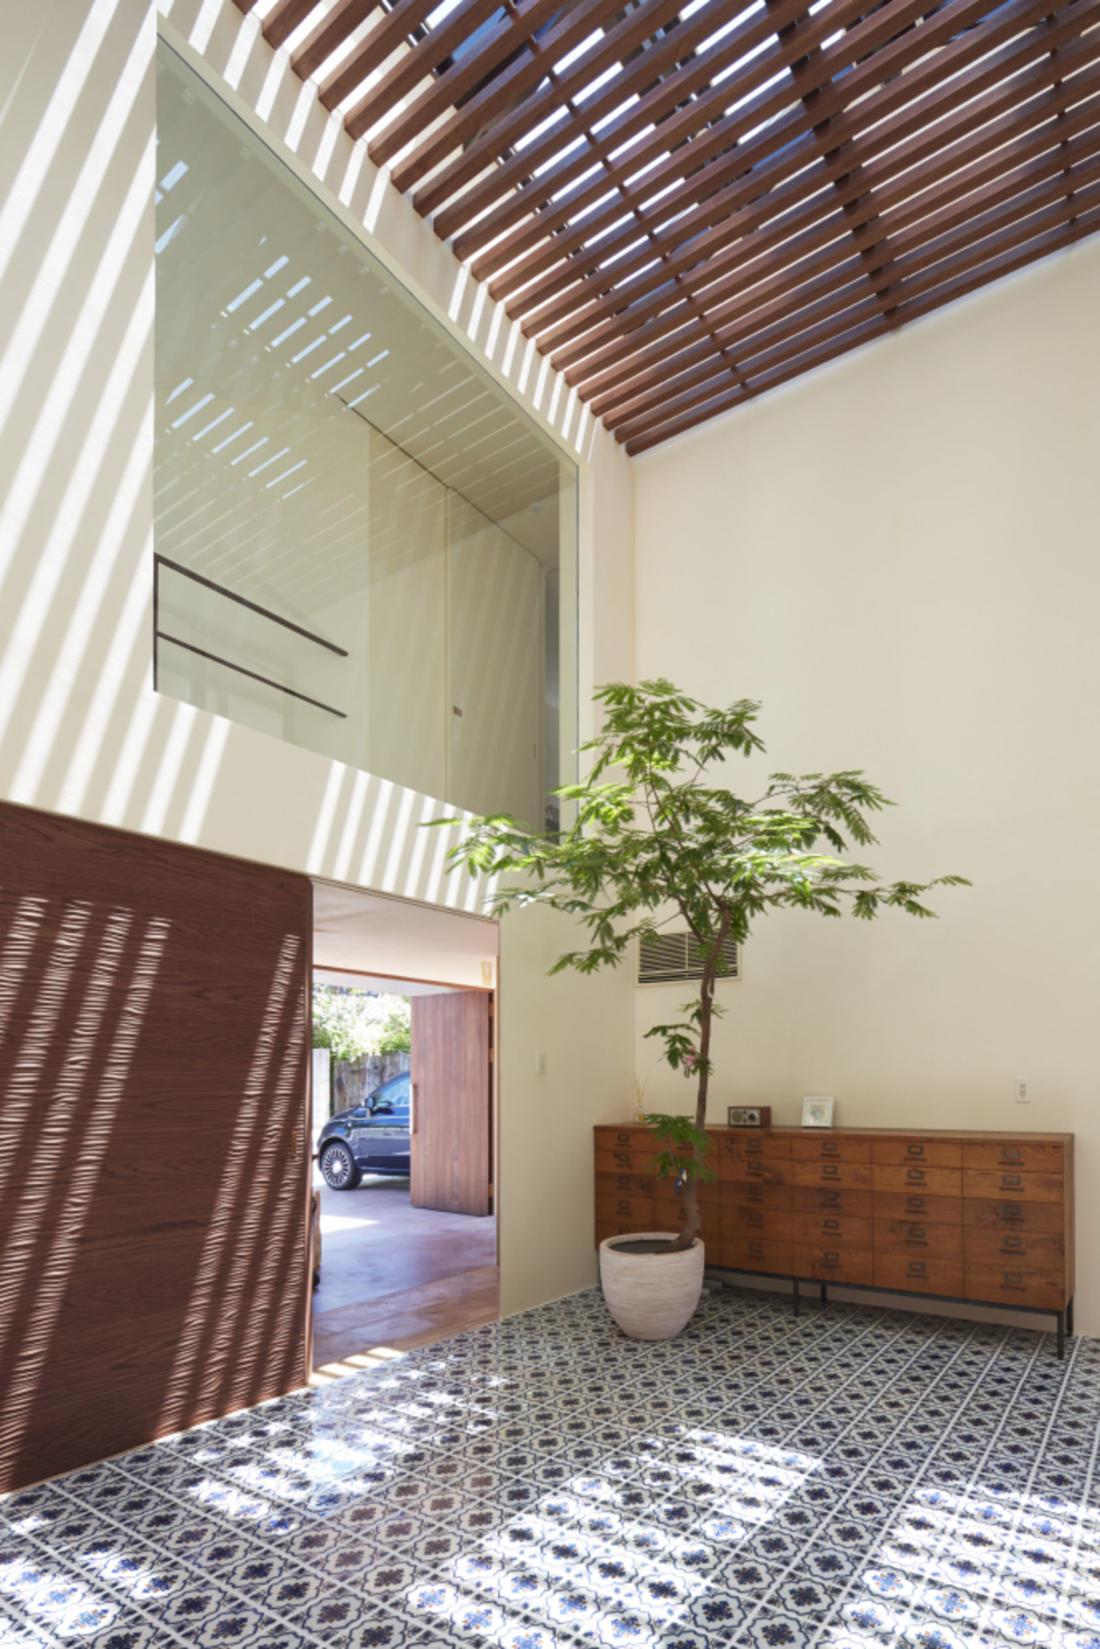 Дом в Хигасиосаке от ателье Fujiwaramuro Architects 15